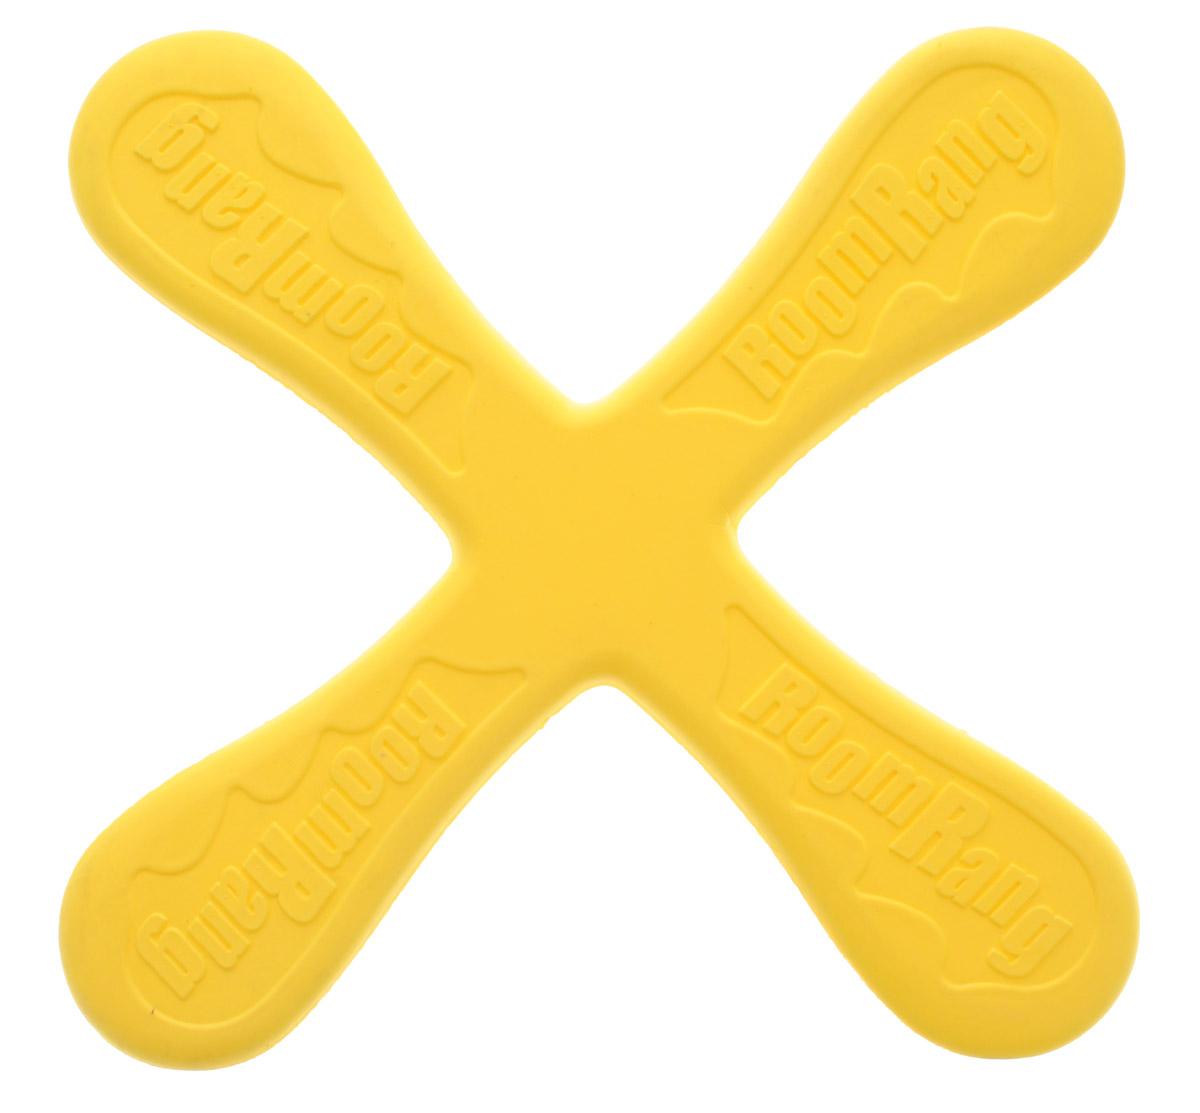 Zilmer Бумеранг Веселый ветер цвет желтый ( ZIL1810-011_жёлтый )